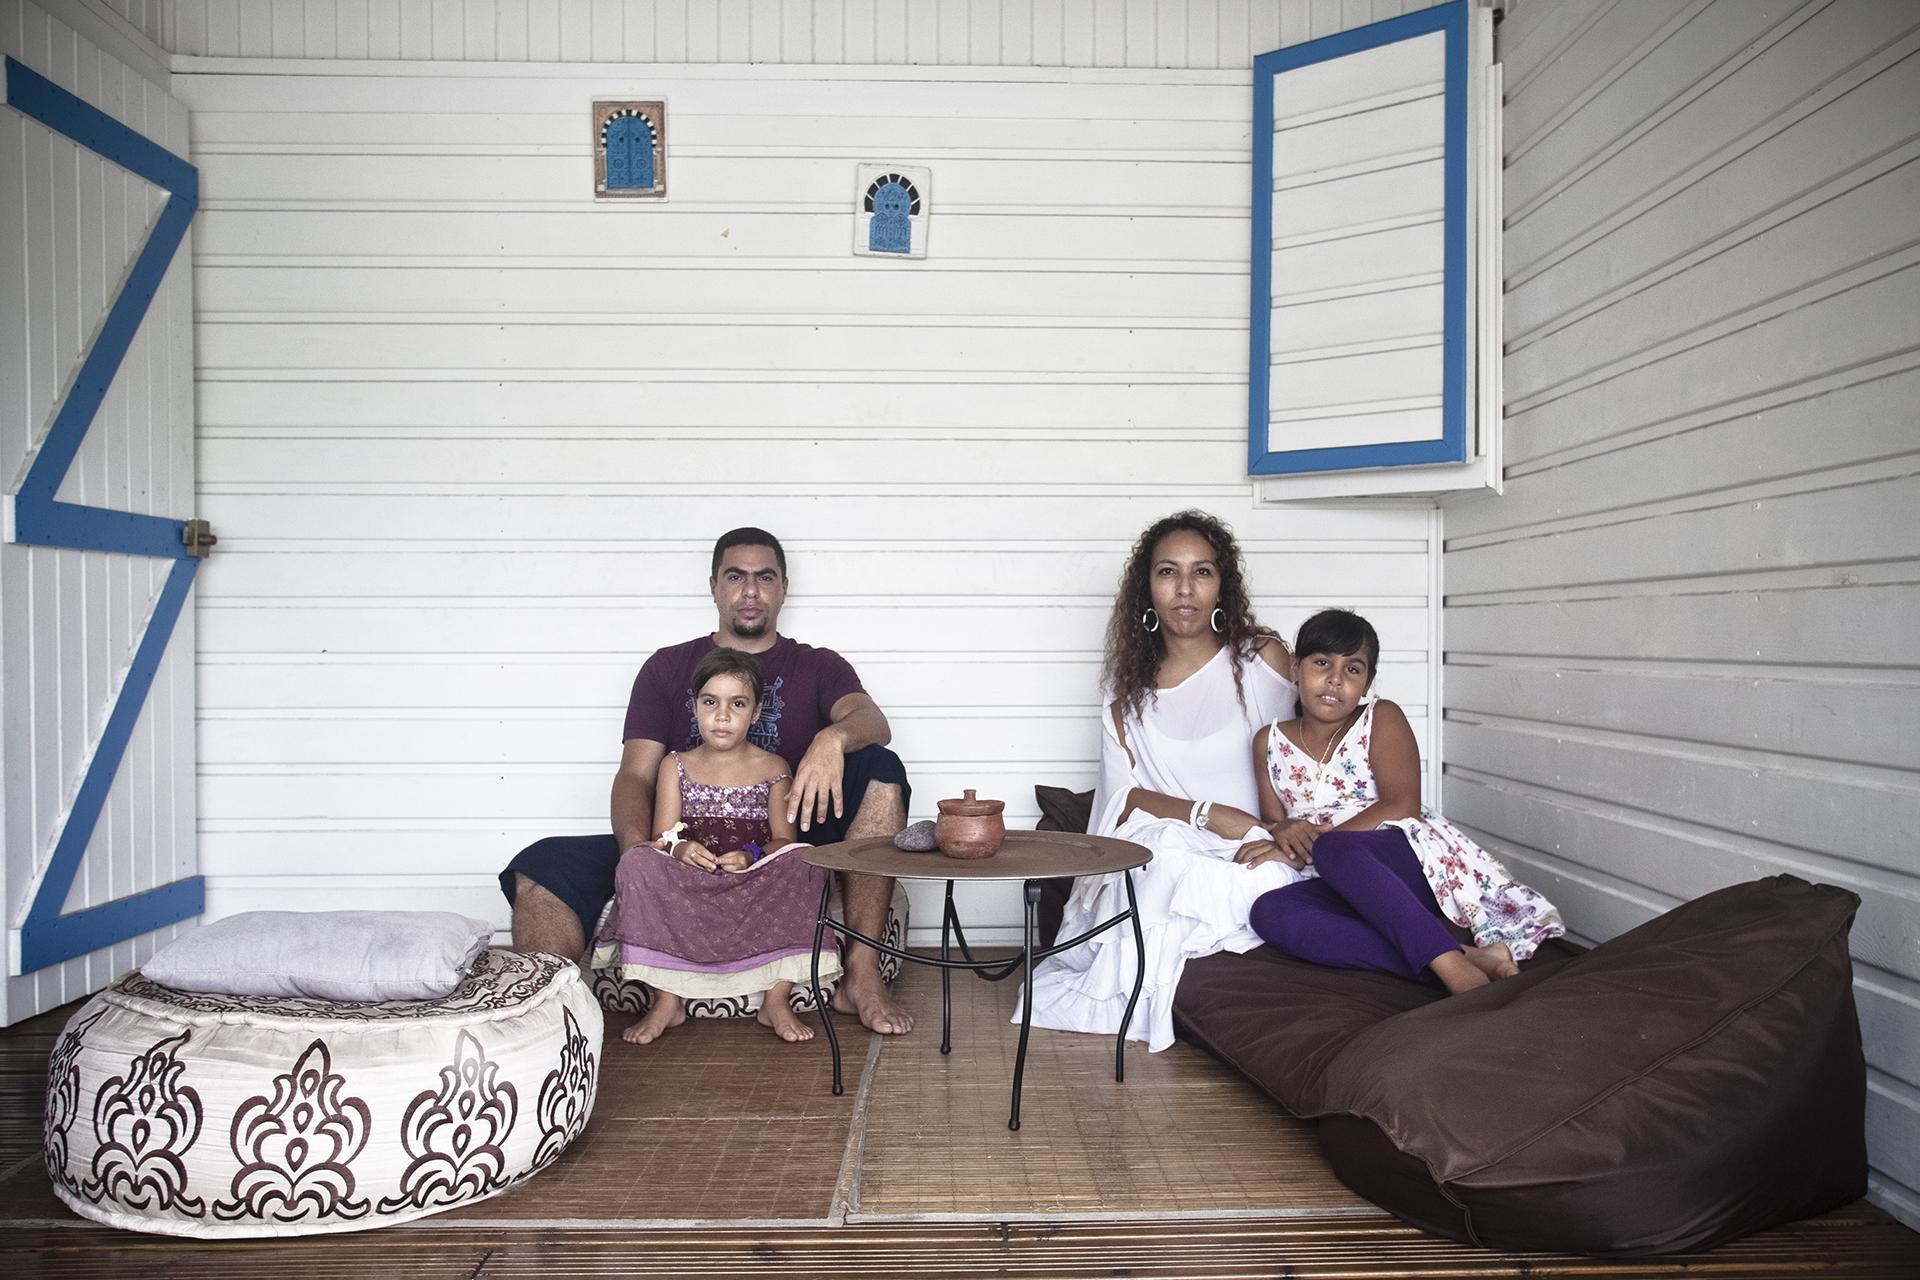 """Tampon, Ile de la Réunion. Janiver 2013.La famille Khlifi-Ethève devant leur maison. Mme Khlifi-Ethève est originaire de Tunisie. Elle est avocate et a grandi en France métropolitaine. Son mari, M. Ethève, est réunionnais (yab-créole). Il a quitté son île natale à l'âge de 3 ans pour aller en métropole. D'une famille catholique pratiquante, il s'est converti à l'islam en 2001. Il a toujours été en quête spirituelle et c'est avec l'islam qu'il dit avoir trouvé des réponses. Toute la famille a aujourd'hui quitté la France pour rejoindre la Réunion dans un but de retour aux sources mais aussi avec l'objectif de pratiquer l'islam librement sur une île qui, comme ils disent : """"accepte les différence de cultes de chacun"""". Ils sont également tous les deux membres de l'Association des Maghrébins de l'Ile de la Réunion (AMIR). Celle-ci a pour objet la création et maintien des liens de solidarité et de fraternité entre les maghrébins et leurs amis de l'île de la Réunion, ainsi que de promouvoir la culture et l'histoire du monde arabomusulman et l'organisation d'actions dans le domaine de l'éducation et de la formation."""